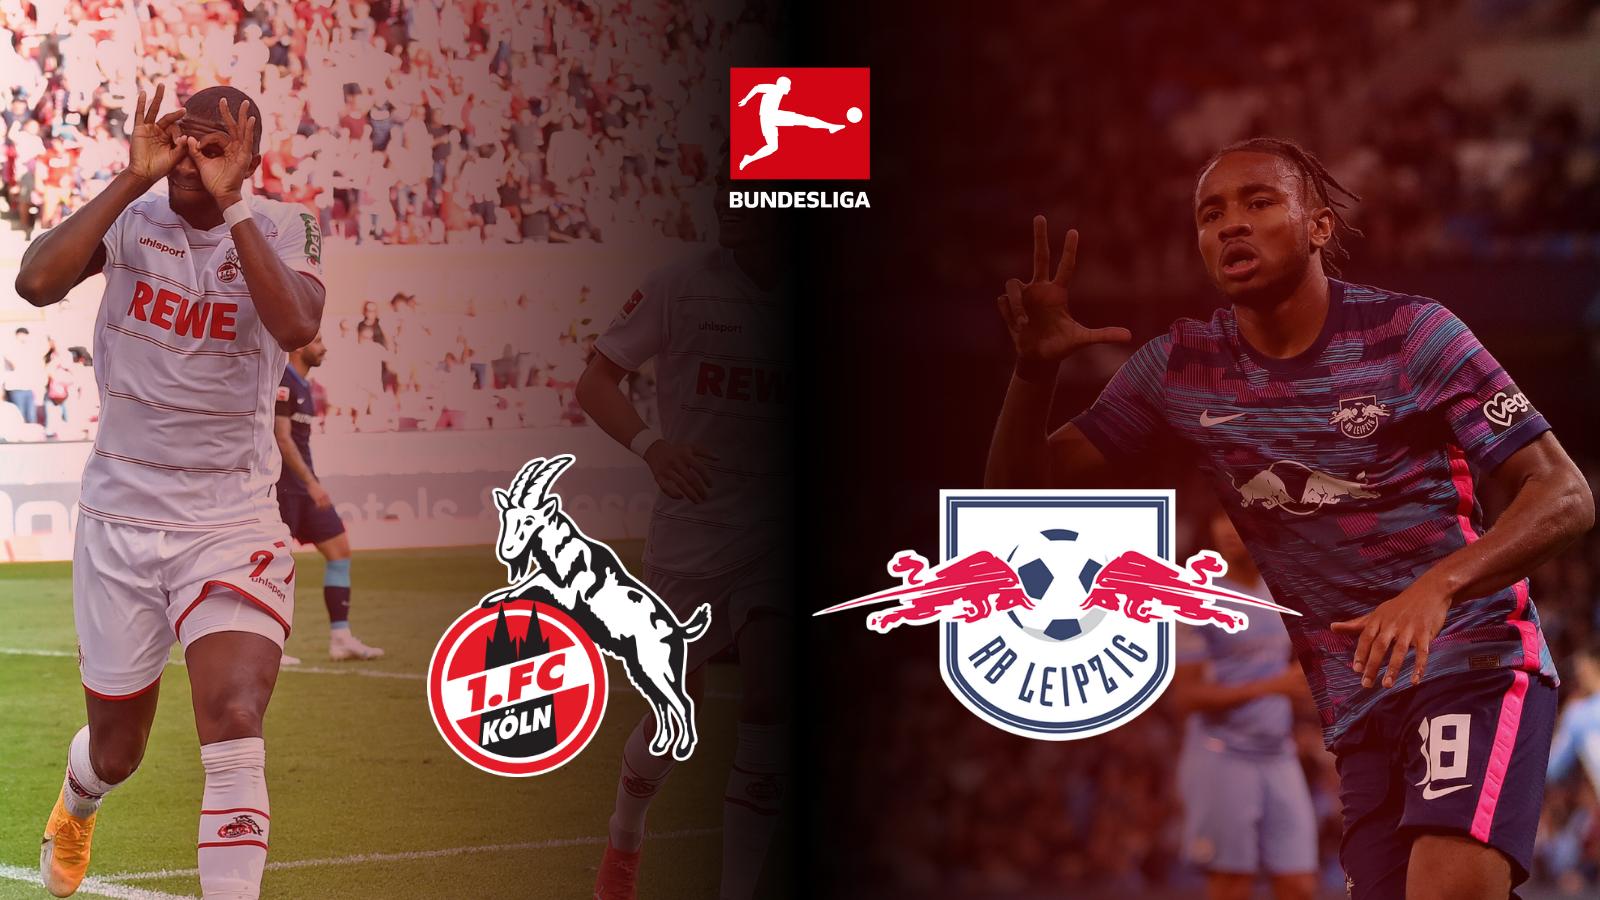 RB Leipzig necesita ganar y FC Köln sueña con escalar en la tabla de posiciones. Foto: Imago.